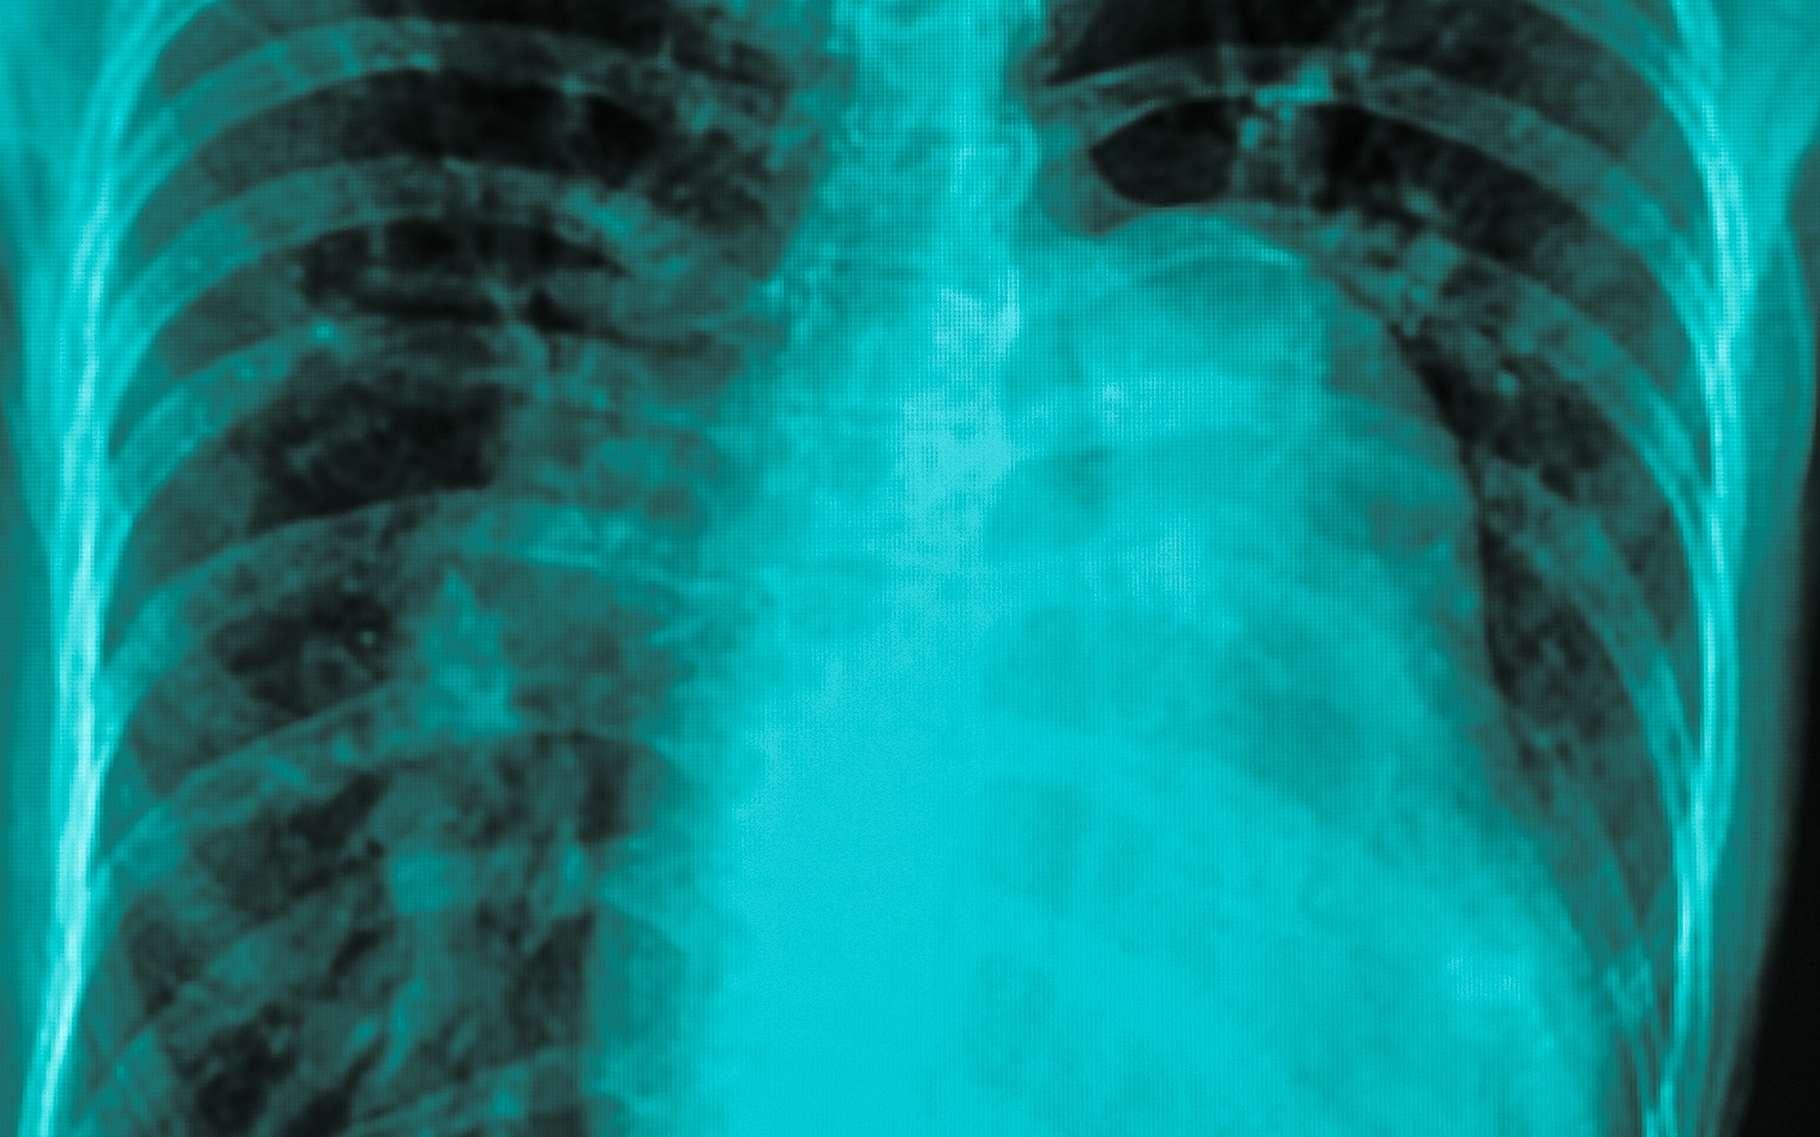 Une hypertrophie cardiaque congénitale peut favoriser la mort subite chez des sujets jeunes. © Tewan Banditrukkanka, Shutterstock